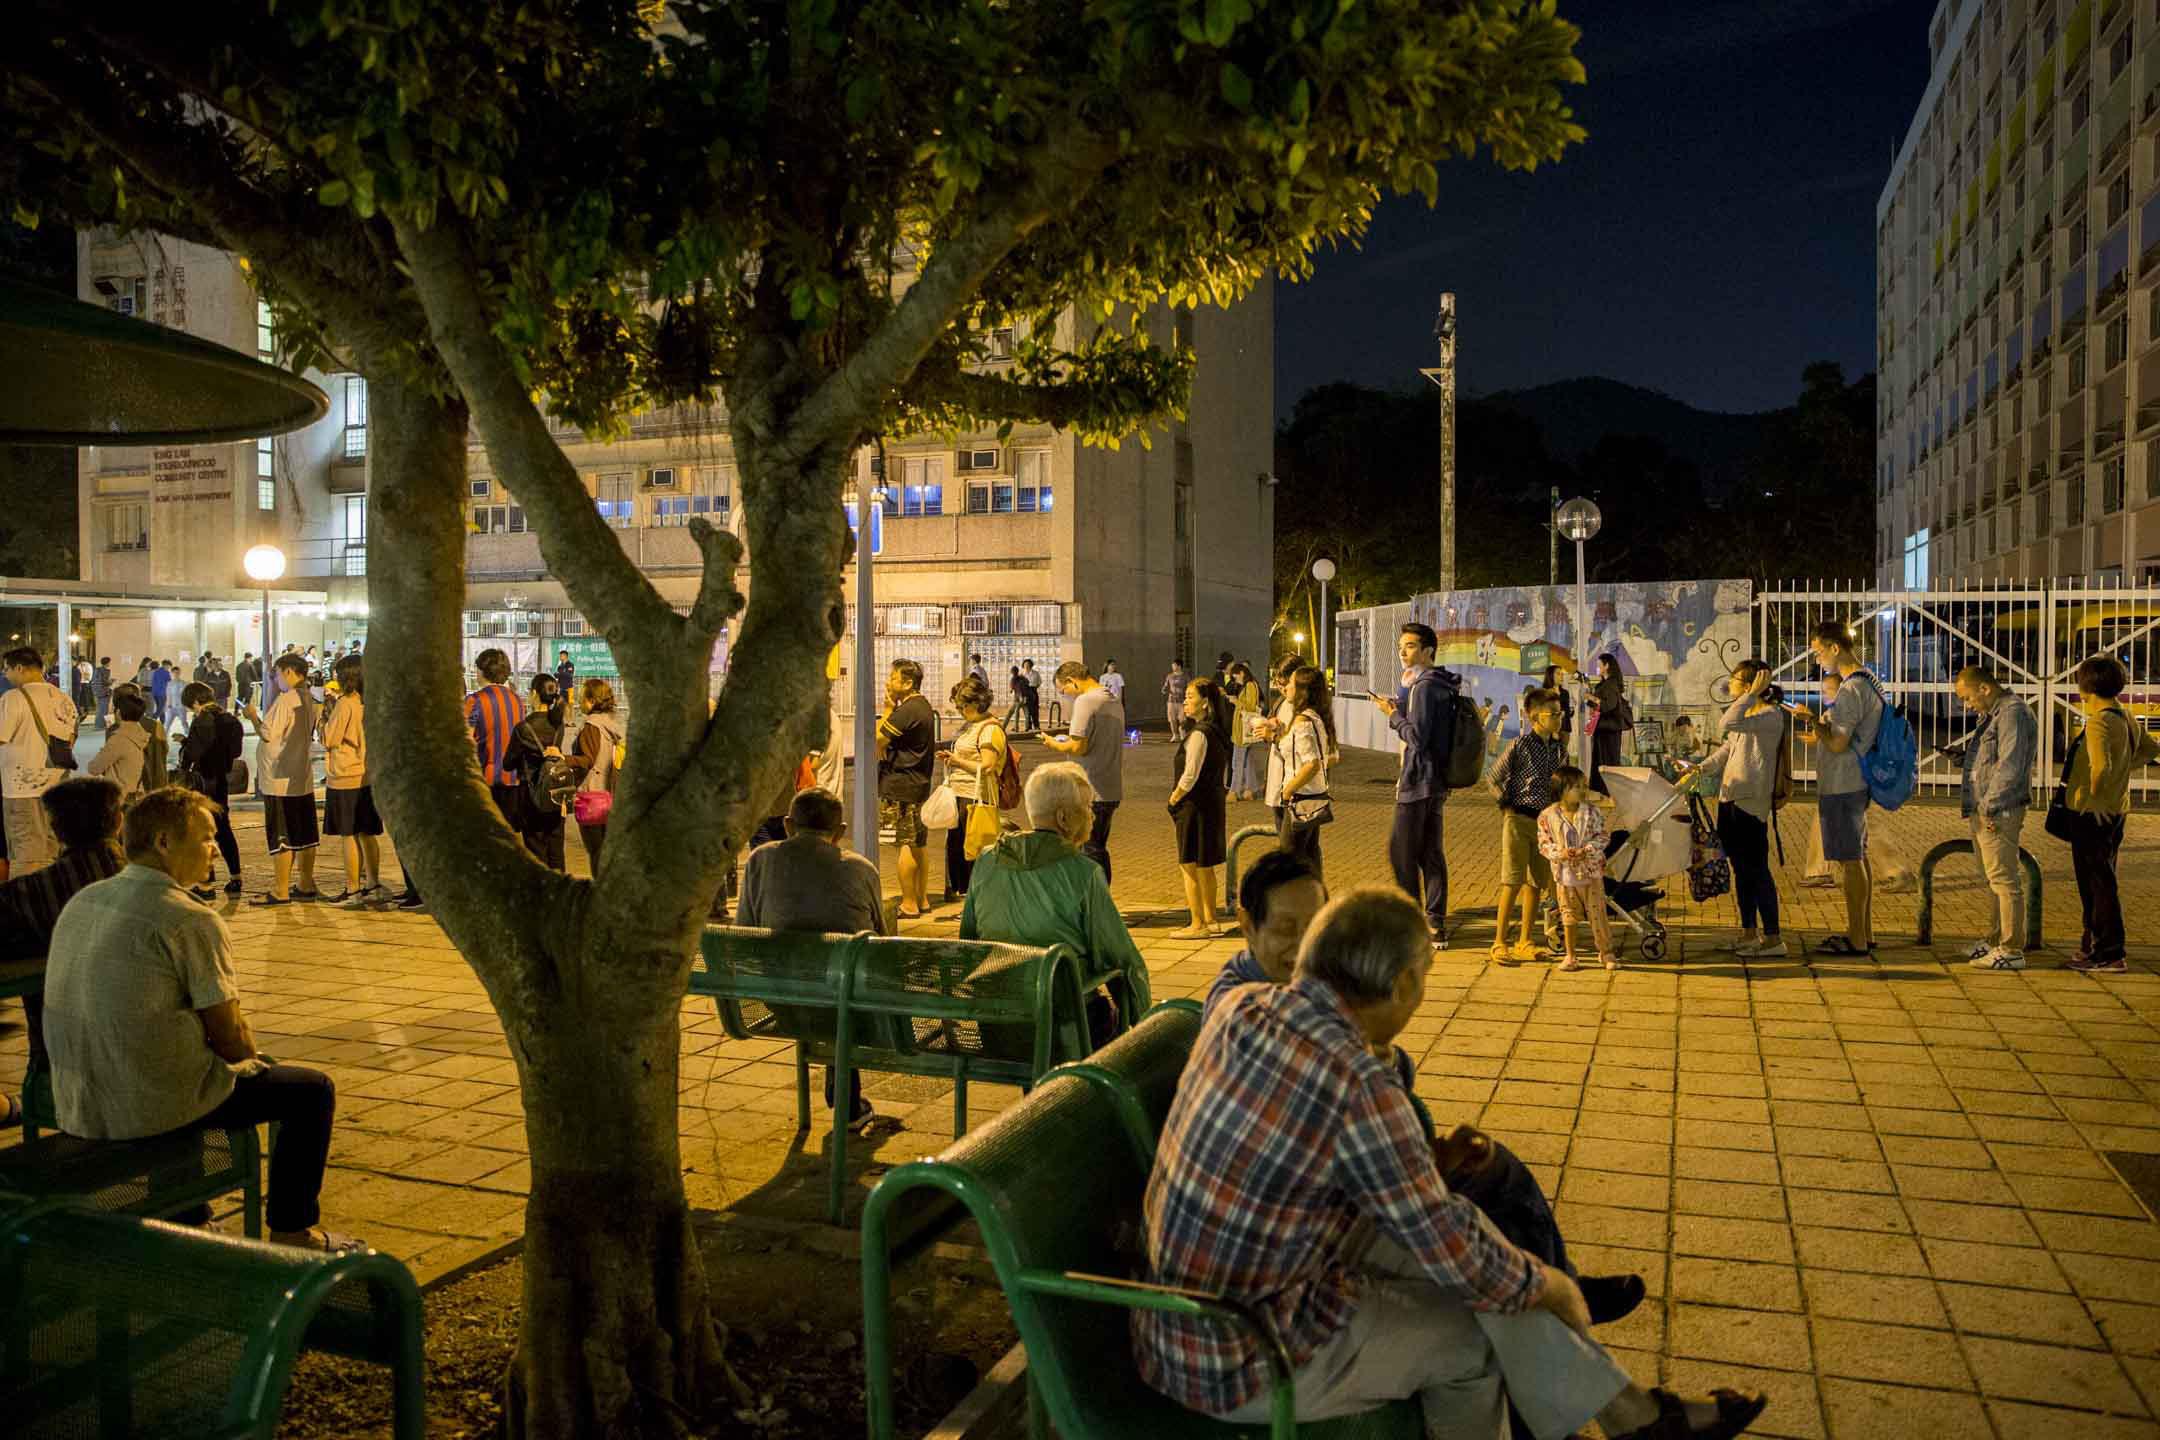 2019年11月24日區議會投票日,將軍澳景林邨票站,距離投票結束時間尚餘半小時,票站外仍有許多市民排隊,等候投票。